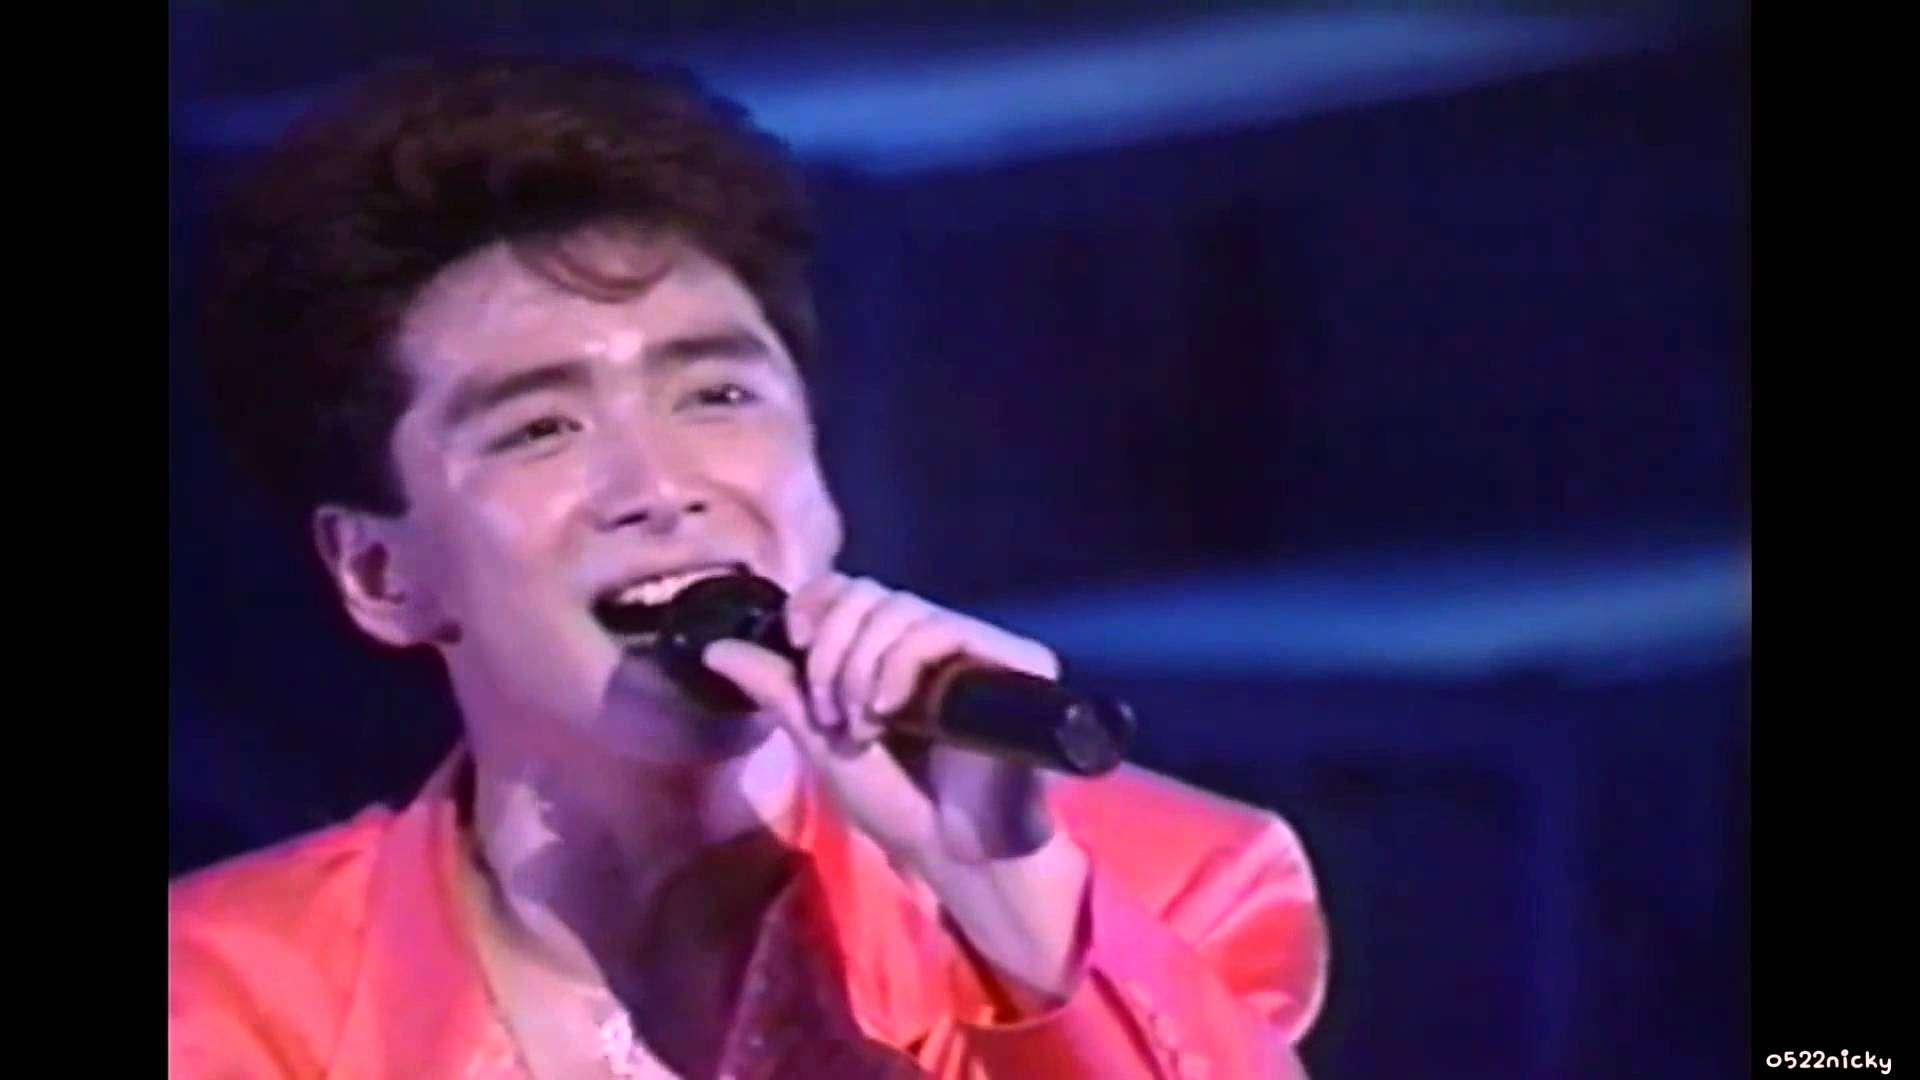 錦織一清 - My Dear Mrs Las Vegas (SPRING TOUR 90) - YouTube